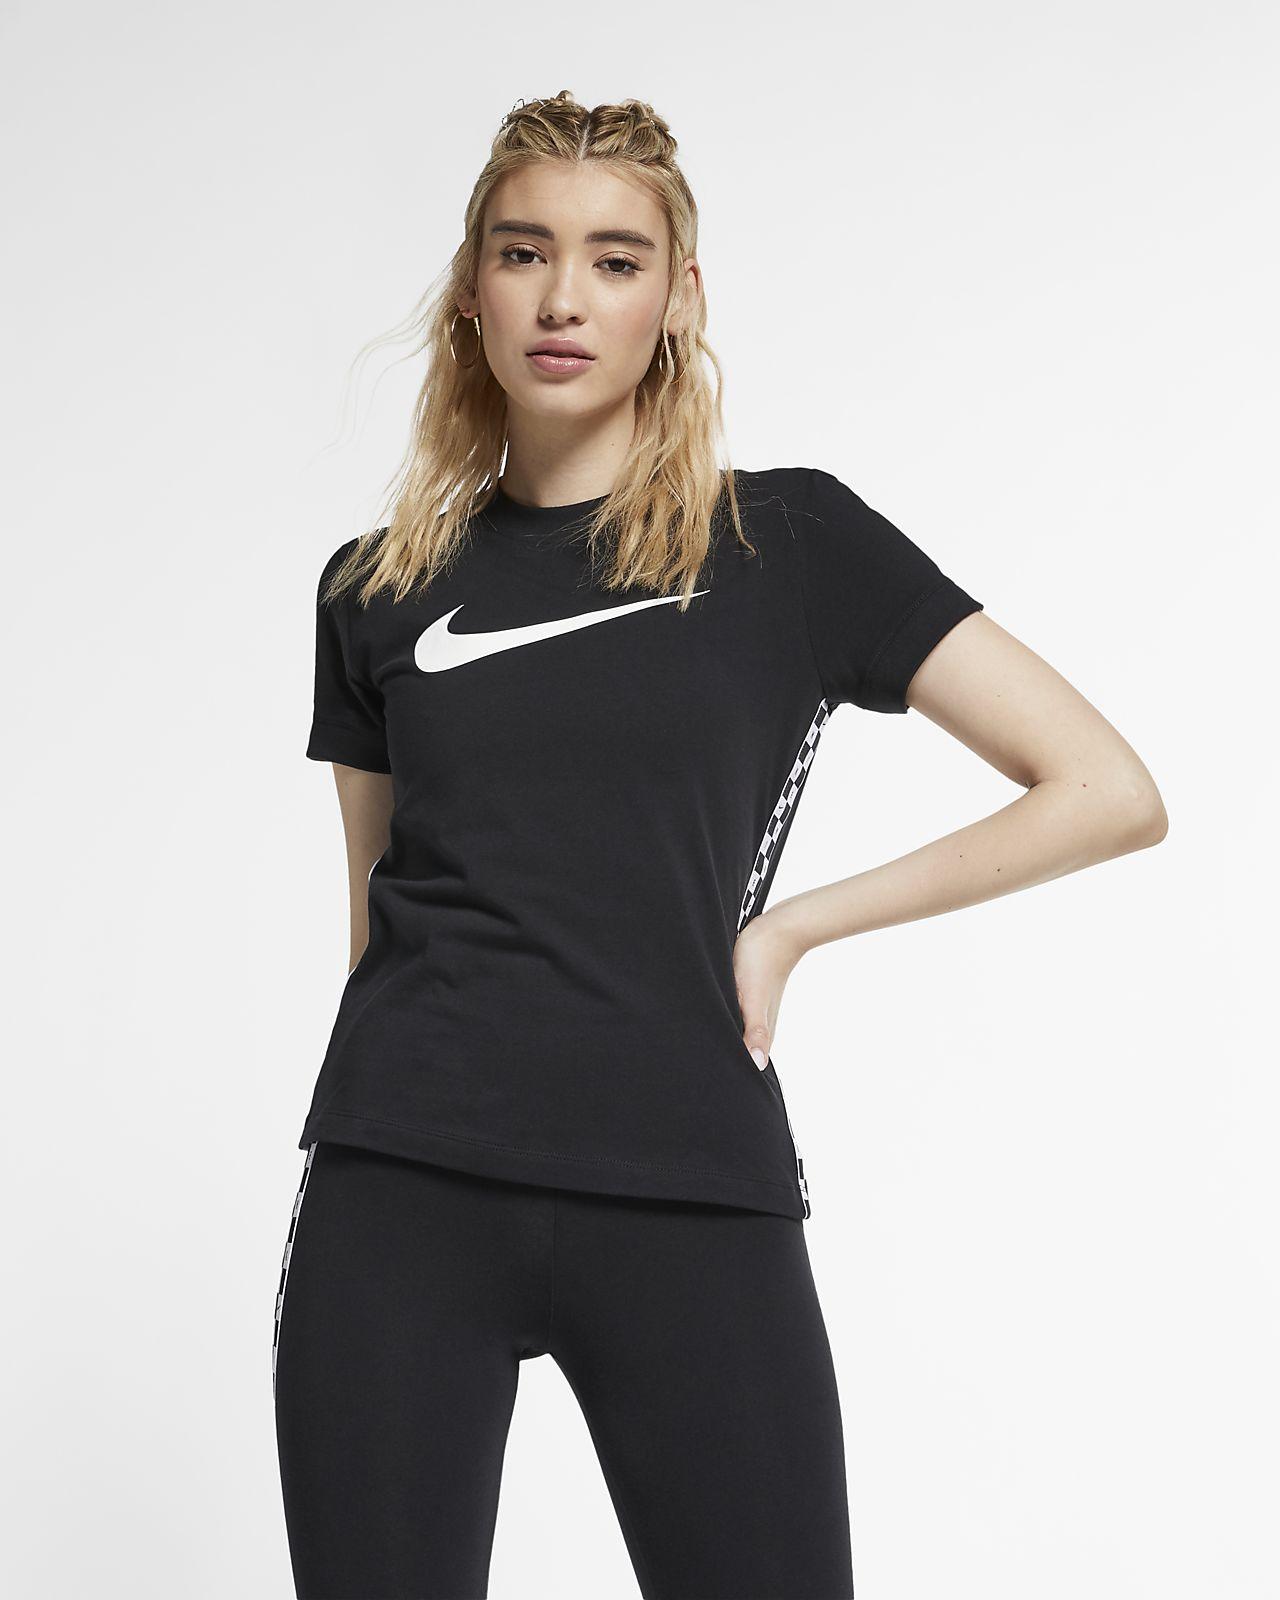 ba0c822c76 Nike Sportswear rövid ujjú női felső. Nike.com HU